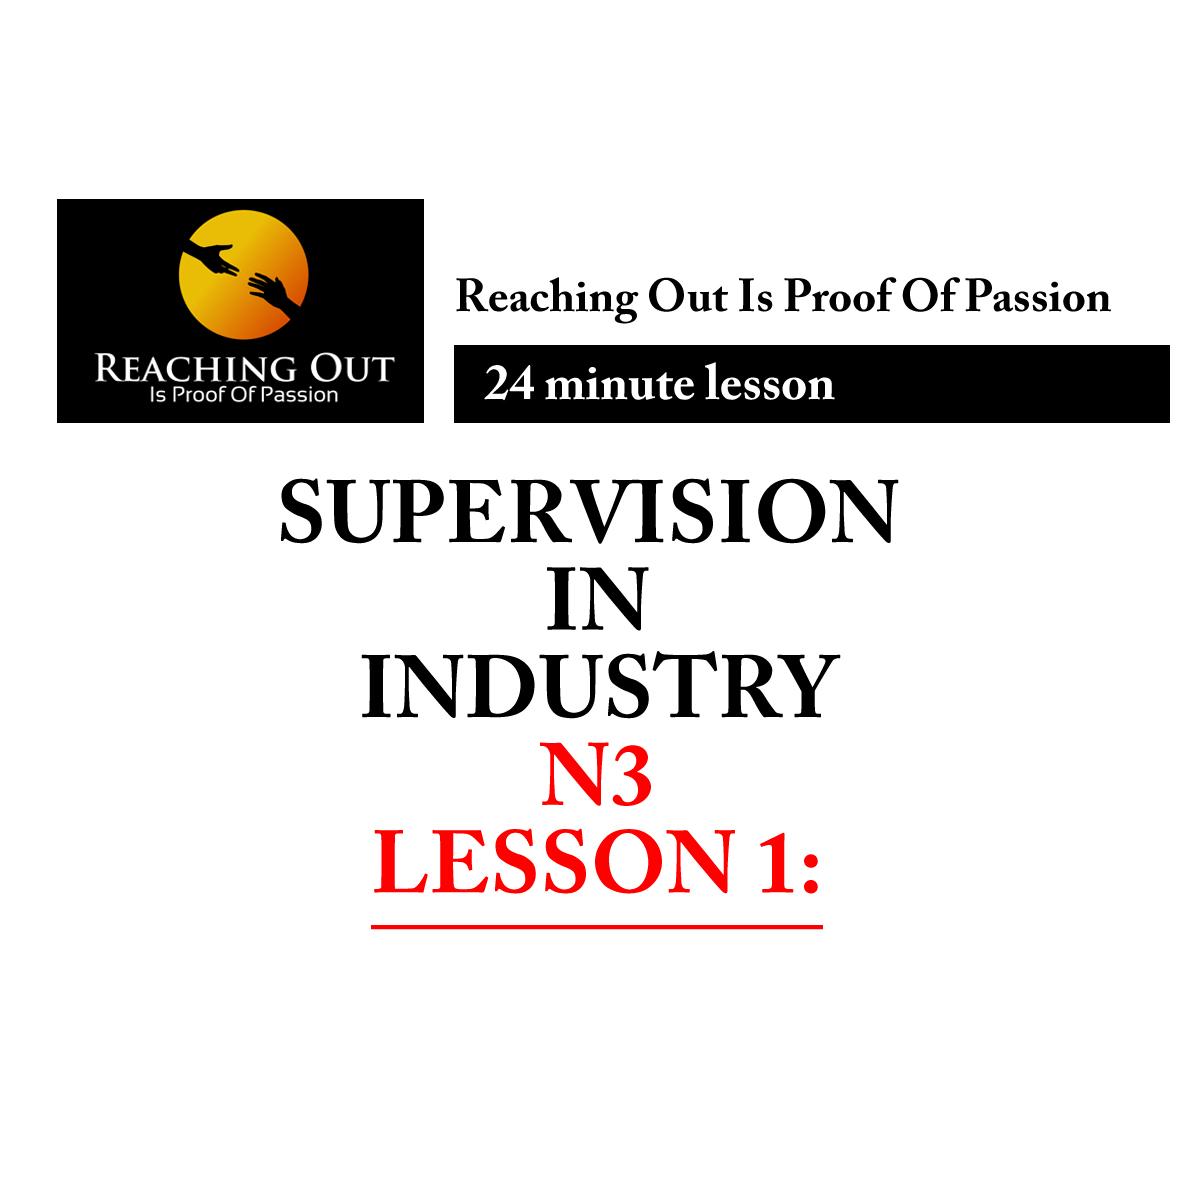 Engineering studies, National N1, N2, N3 certificate